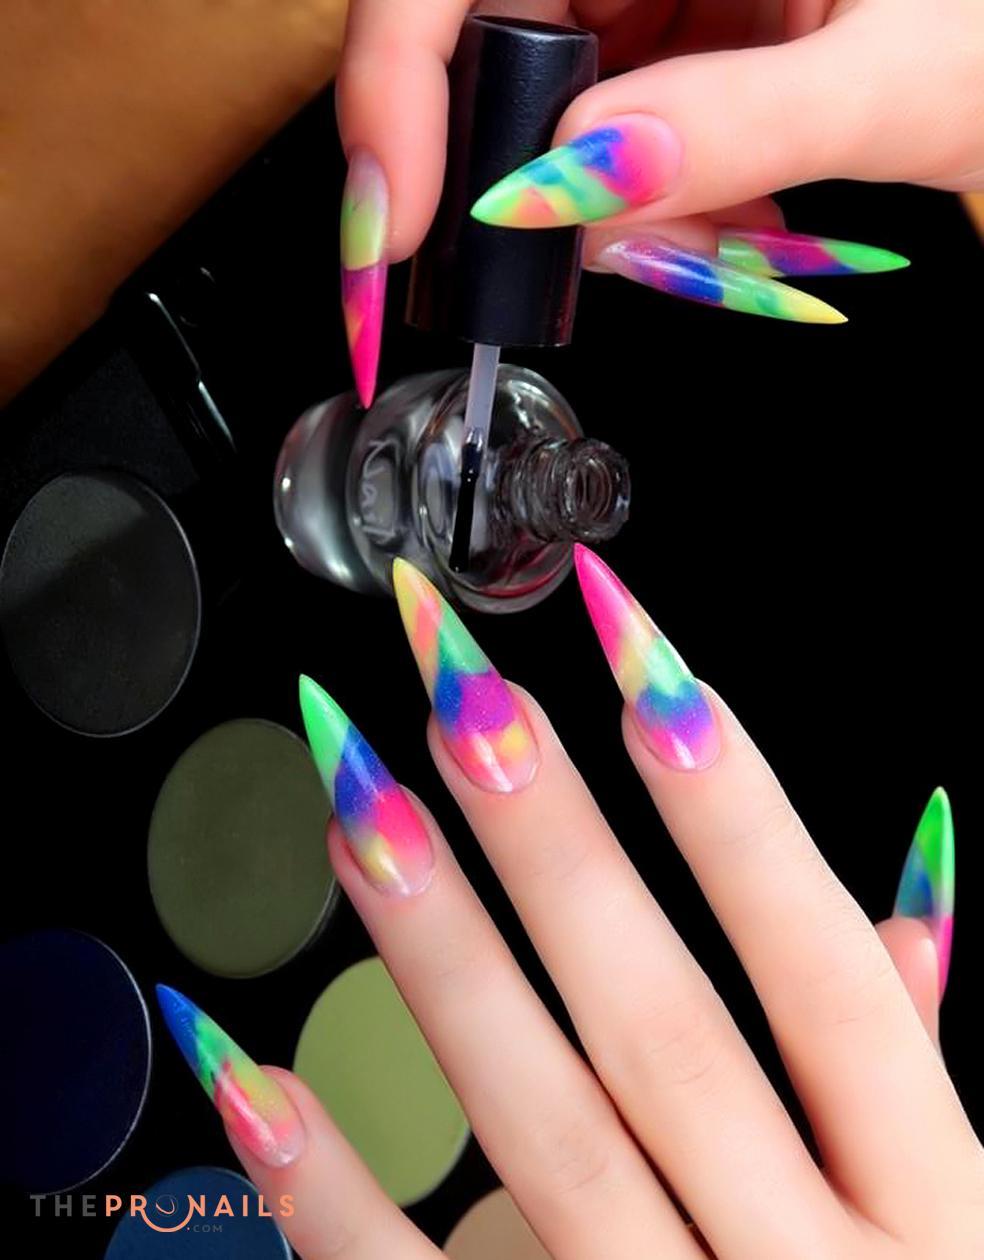 Each Nail Design